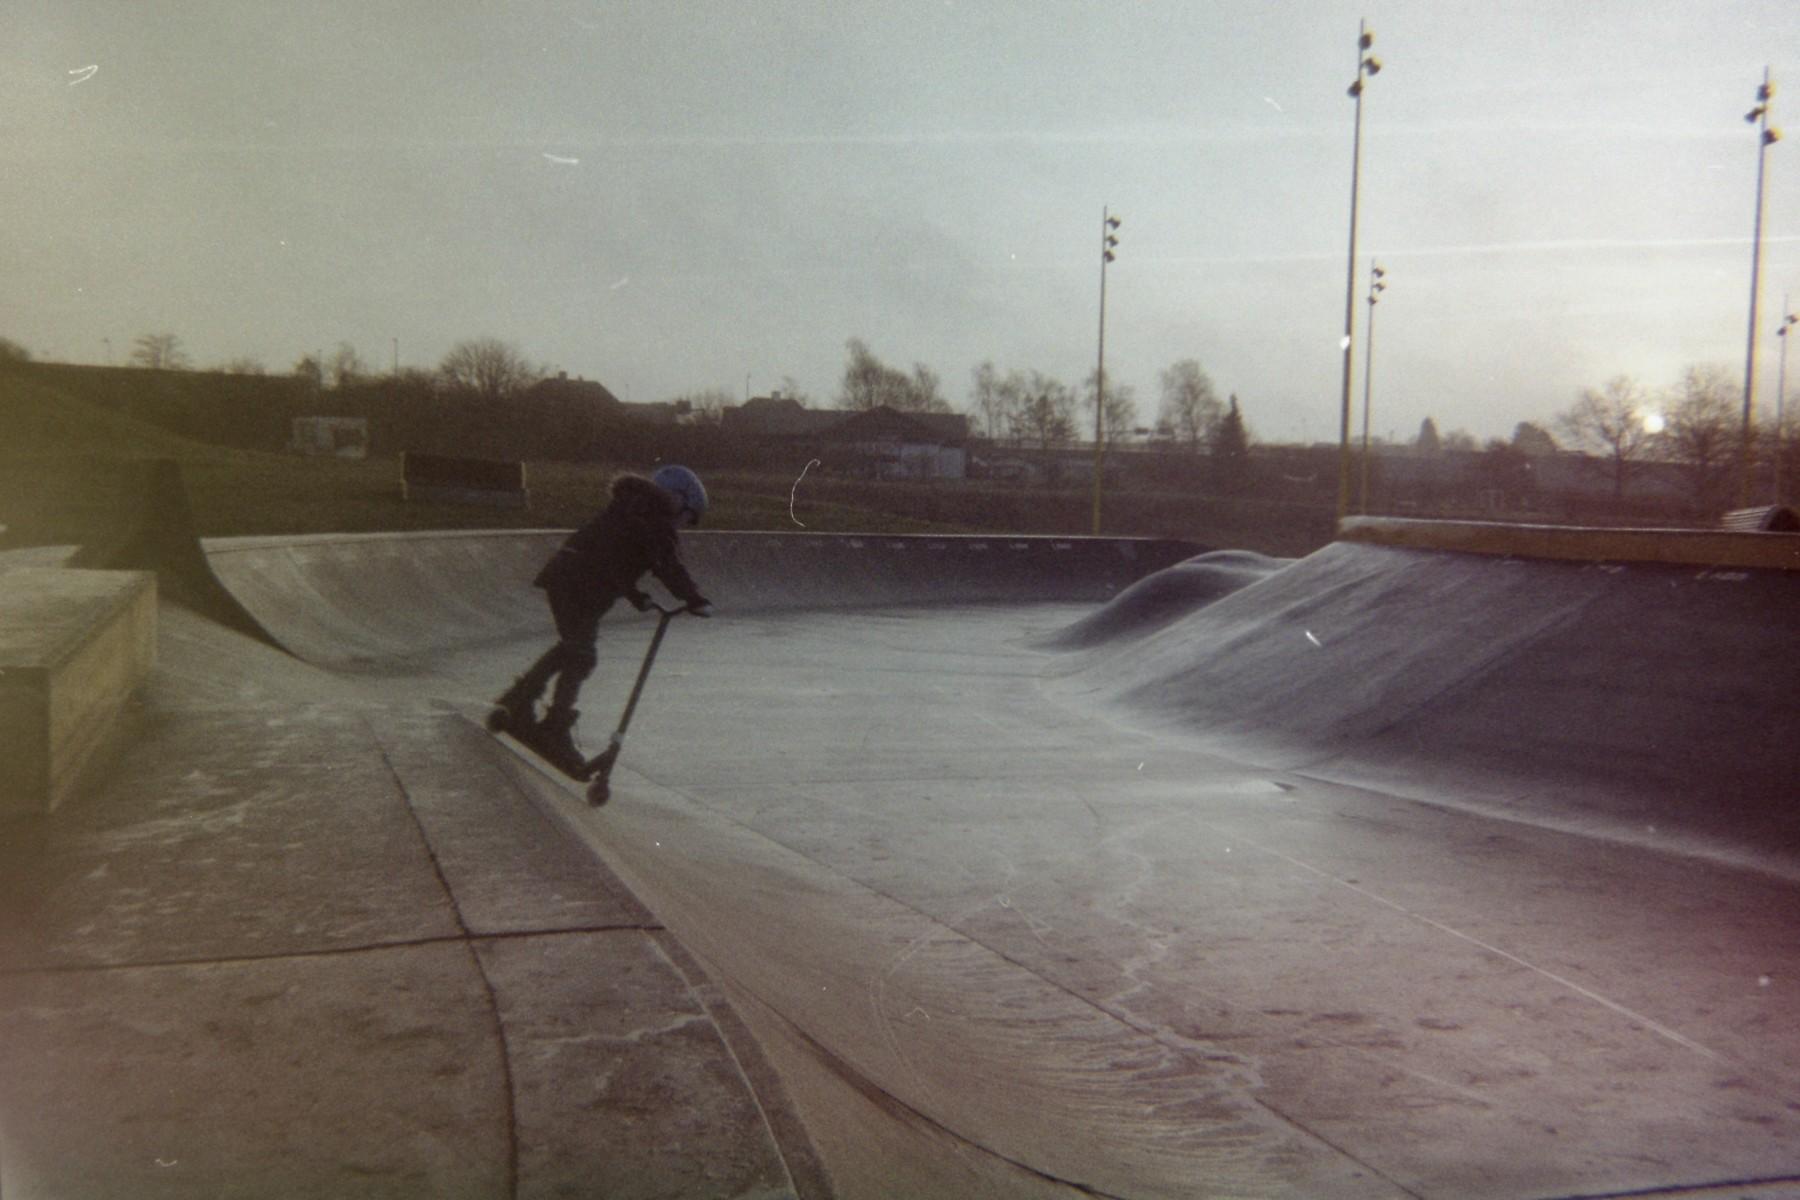 Musicon skatebane - Agfa Reusable 35mm Camera